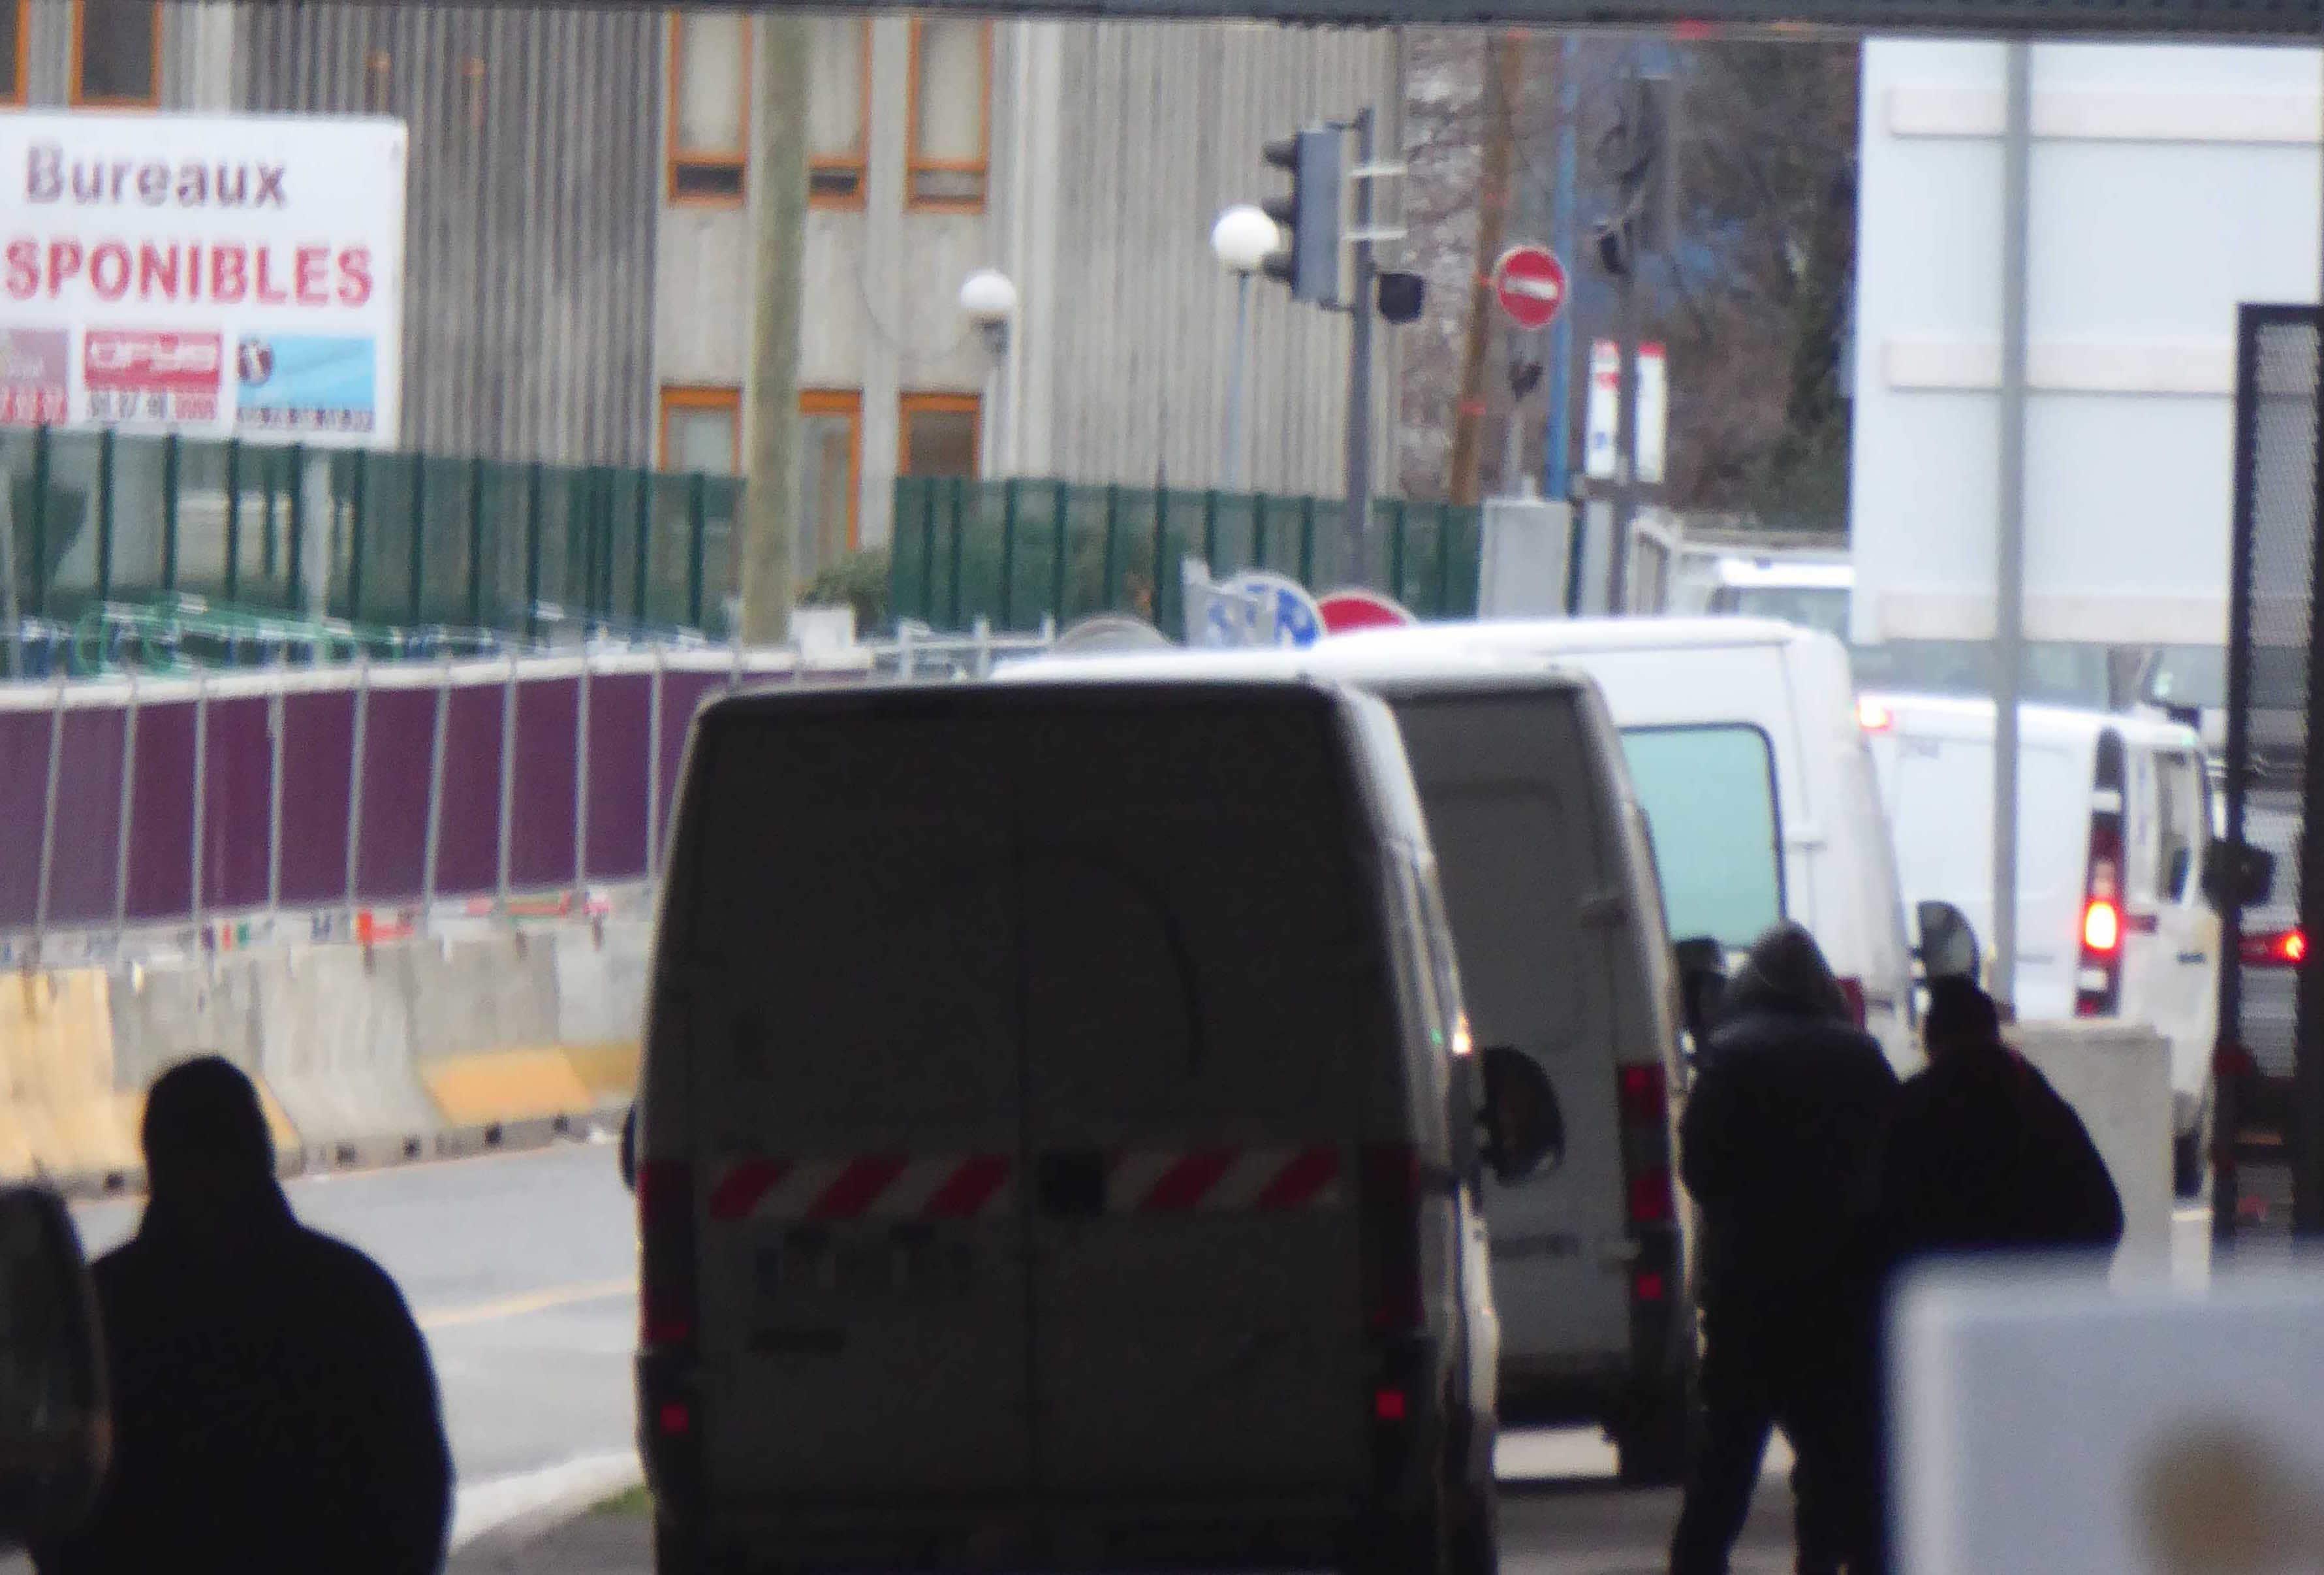 Rue Challemel-Lacour, des clients qui se font le plus discrets possible. Photo archive Rue89Lyon.